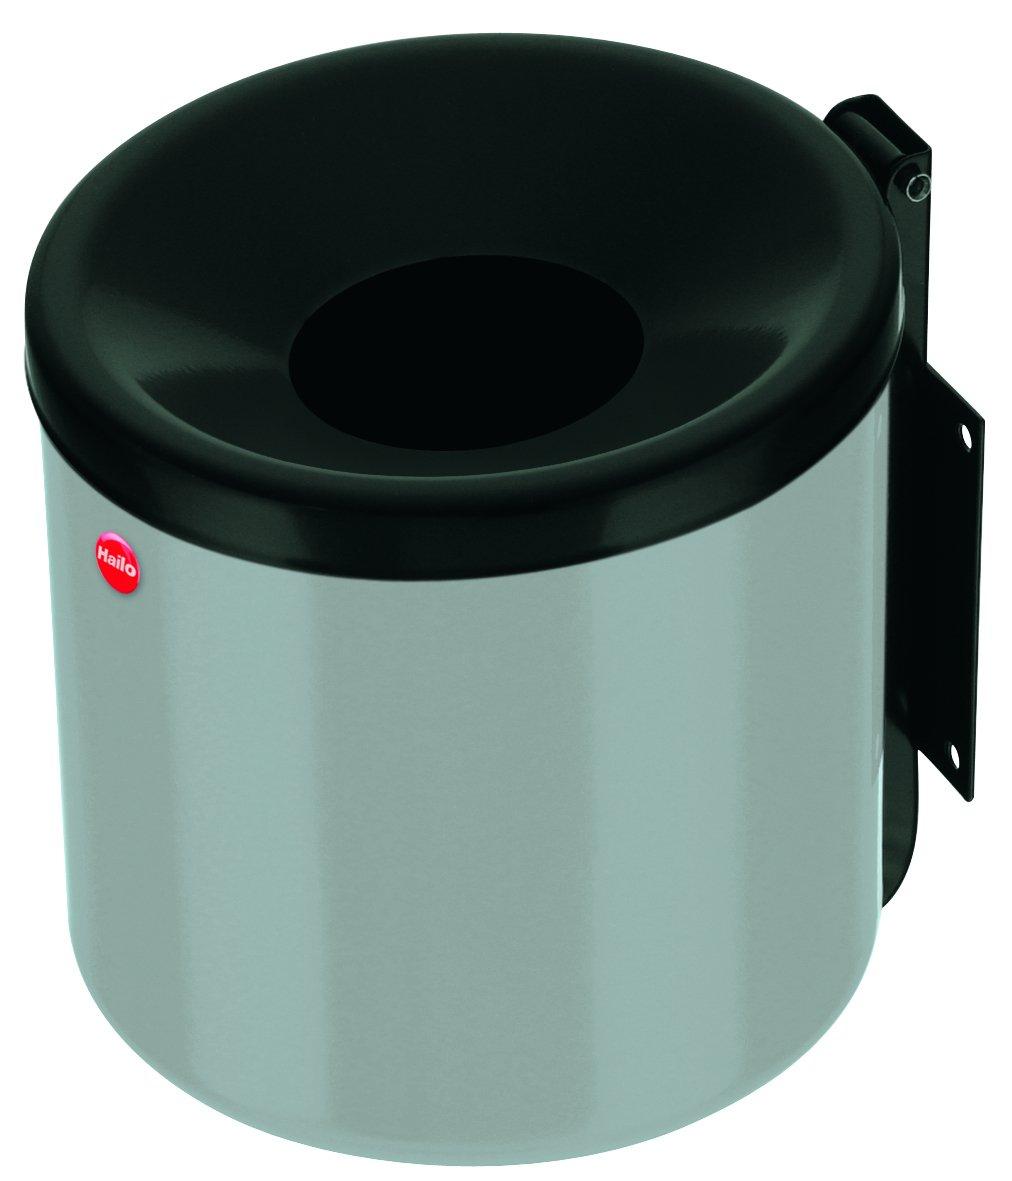 Hailo Wall ashtray ProfiLine easy 2.4L Red 0916-303